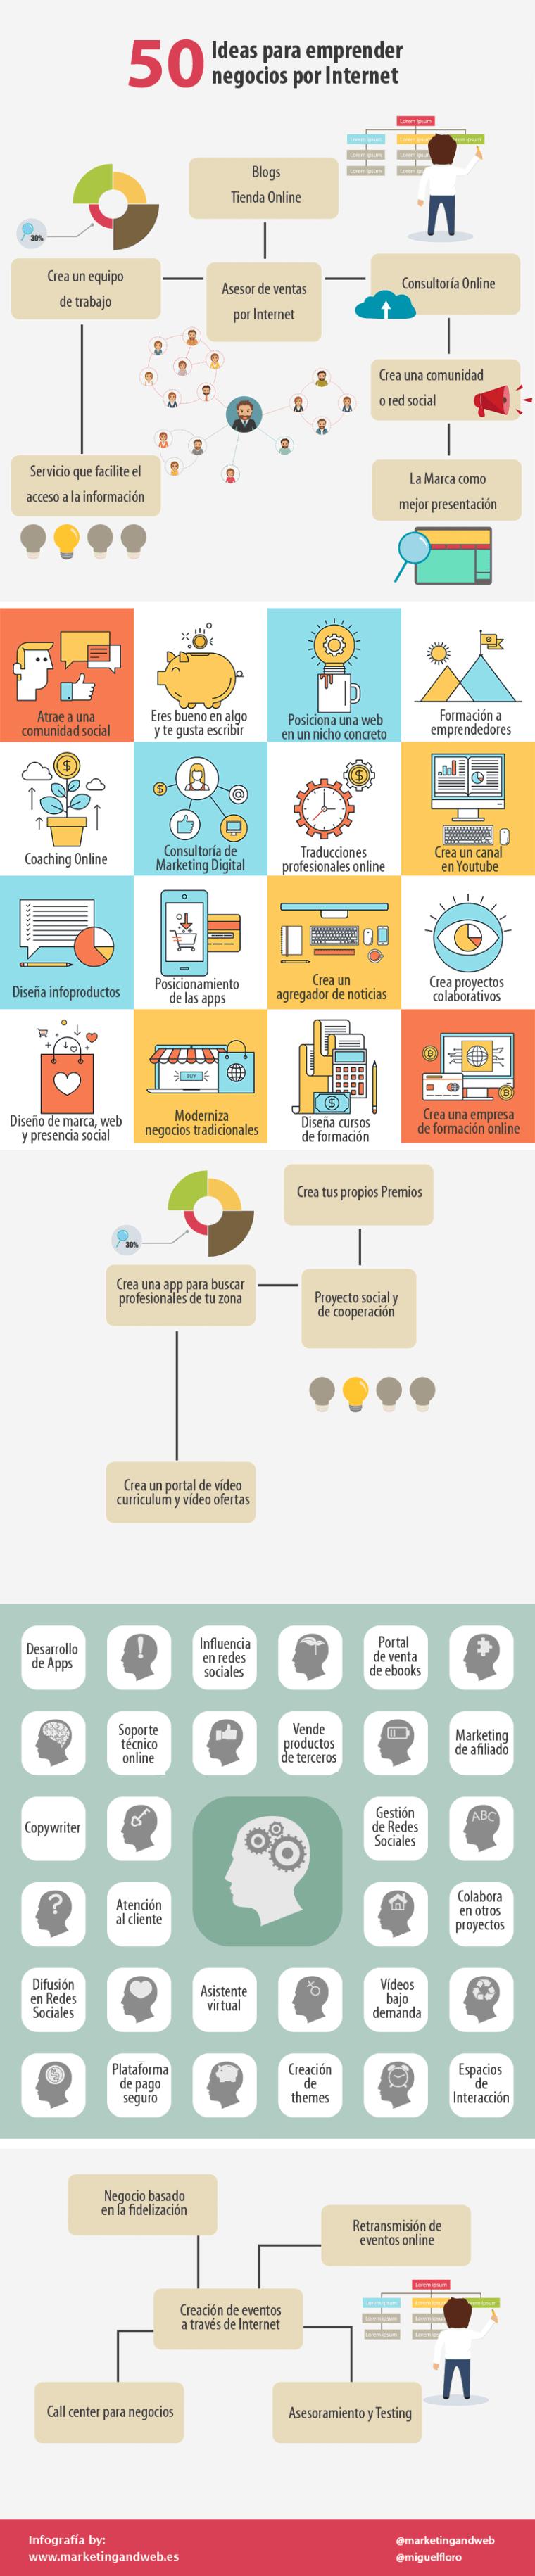 Ideas de negocios en Internet que puedes emprender